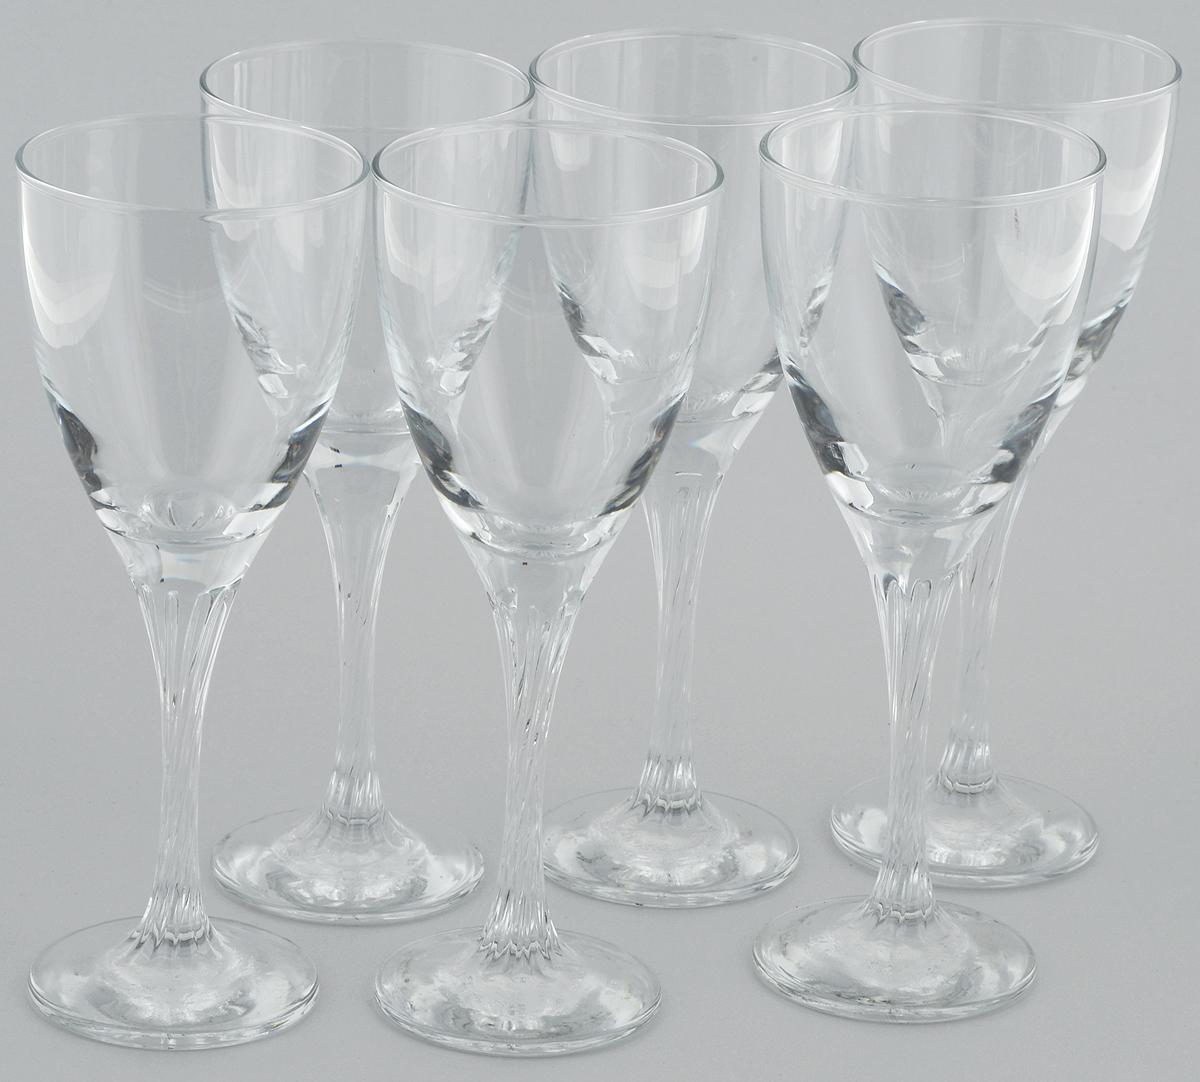 Набор бокалов для вина Pasabahce Twist, 205 мл, 6 штVT-1520(SR)Набор Pasabahce Twist состоит из шести бокалов, выполненных из прочного натрий-кальций-силикатного стекла. Изделия оснащены высокими ножками и предназначены для подачи вина. Они сочетают в себе элегантный дизайн и функциональность. Набор бокалов Pasabahce Twist прекрасно оформит праздничный стол и создаст приятную атмосферу за романтическим ужином. Такой набор также станет хорошим подарком к любому случаю.